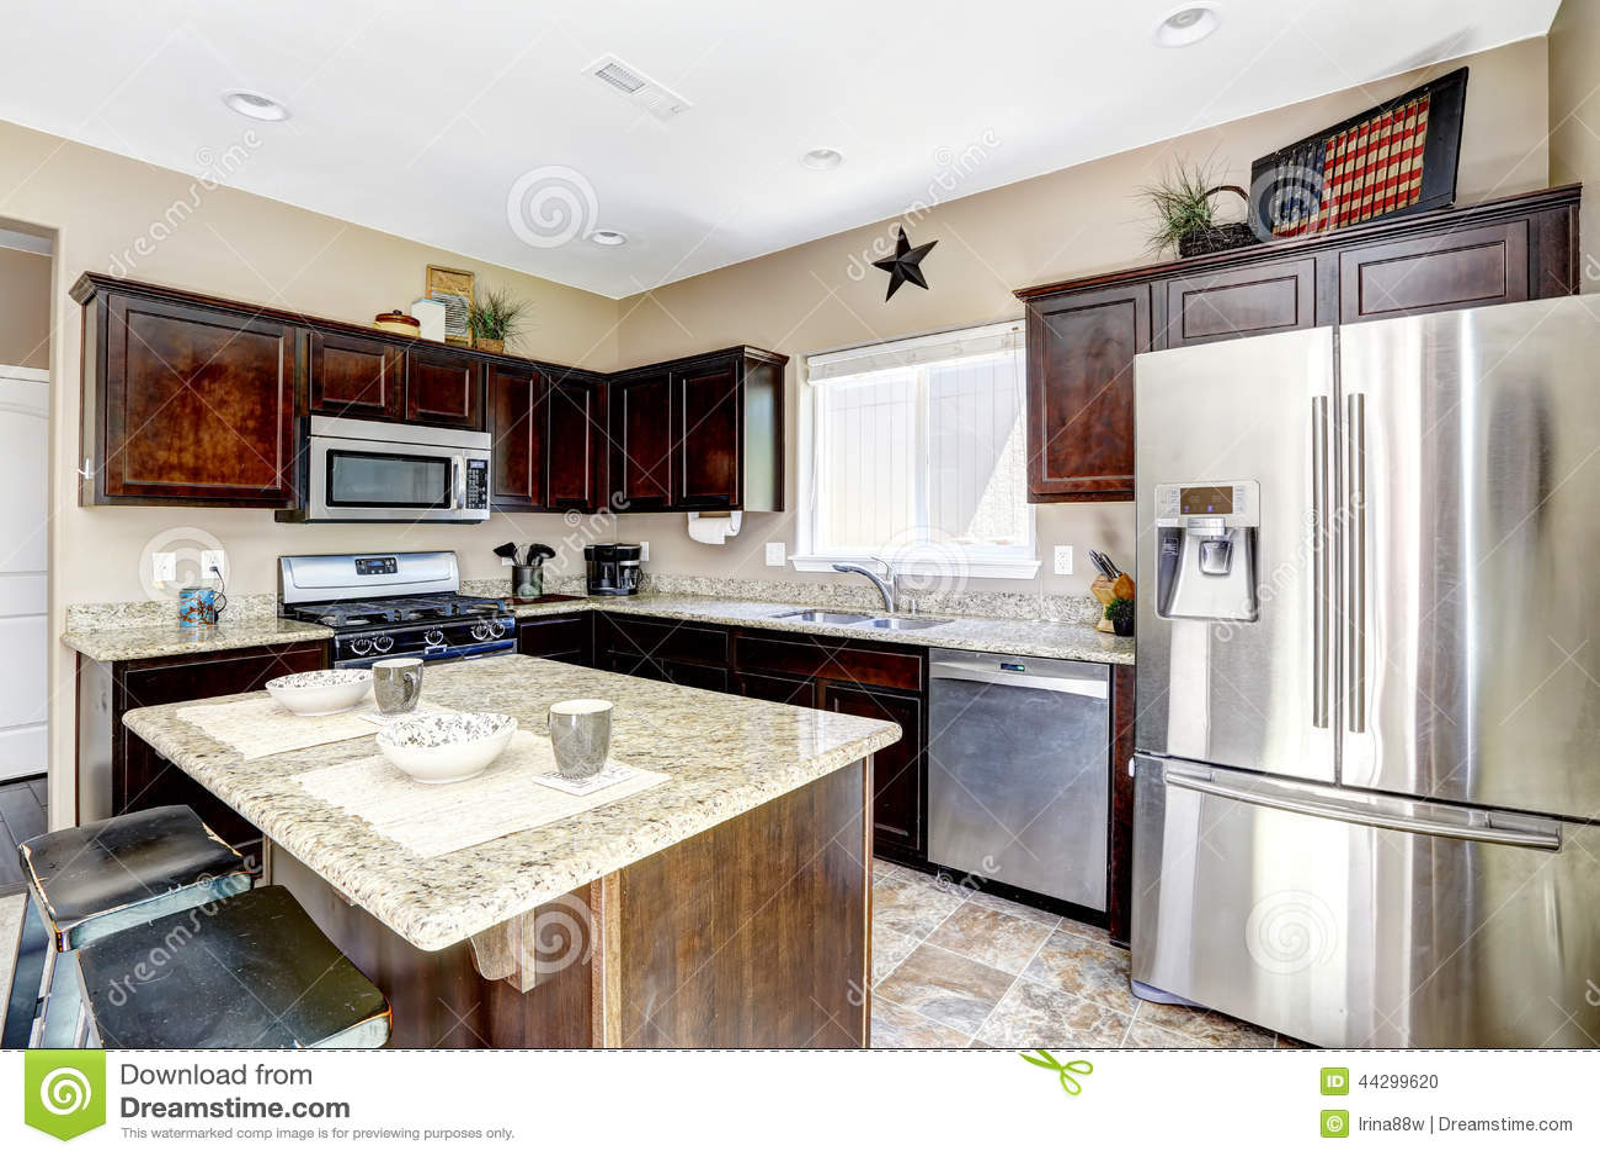 #694030  Granito Interior Da Sala Da Cozinha Foto de Stock Imagem: 44299620 1300x957 px Planos De Armários De Cozinha_993 Imagens